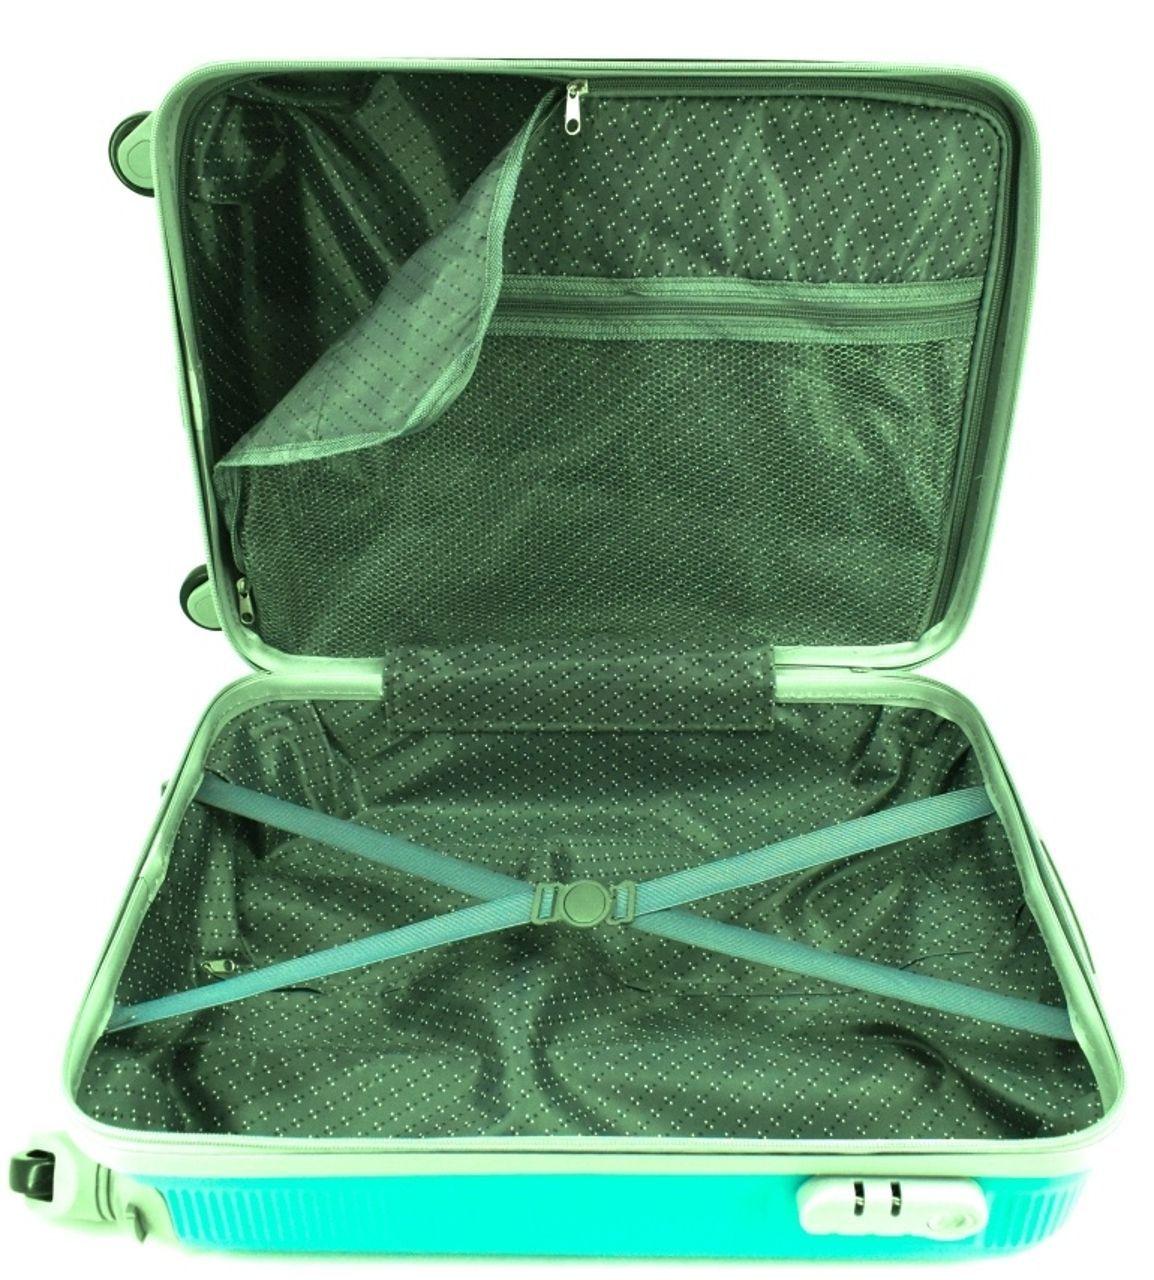 Cestovní palubní kufr na čtyřech kolečkách Arteddy (S) 36l - černá